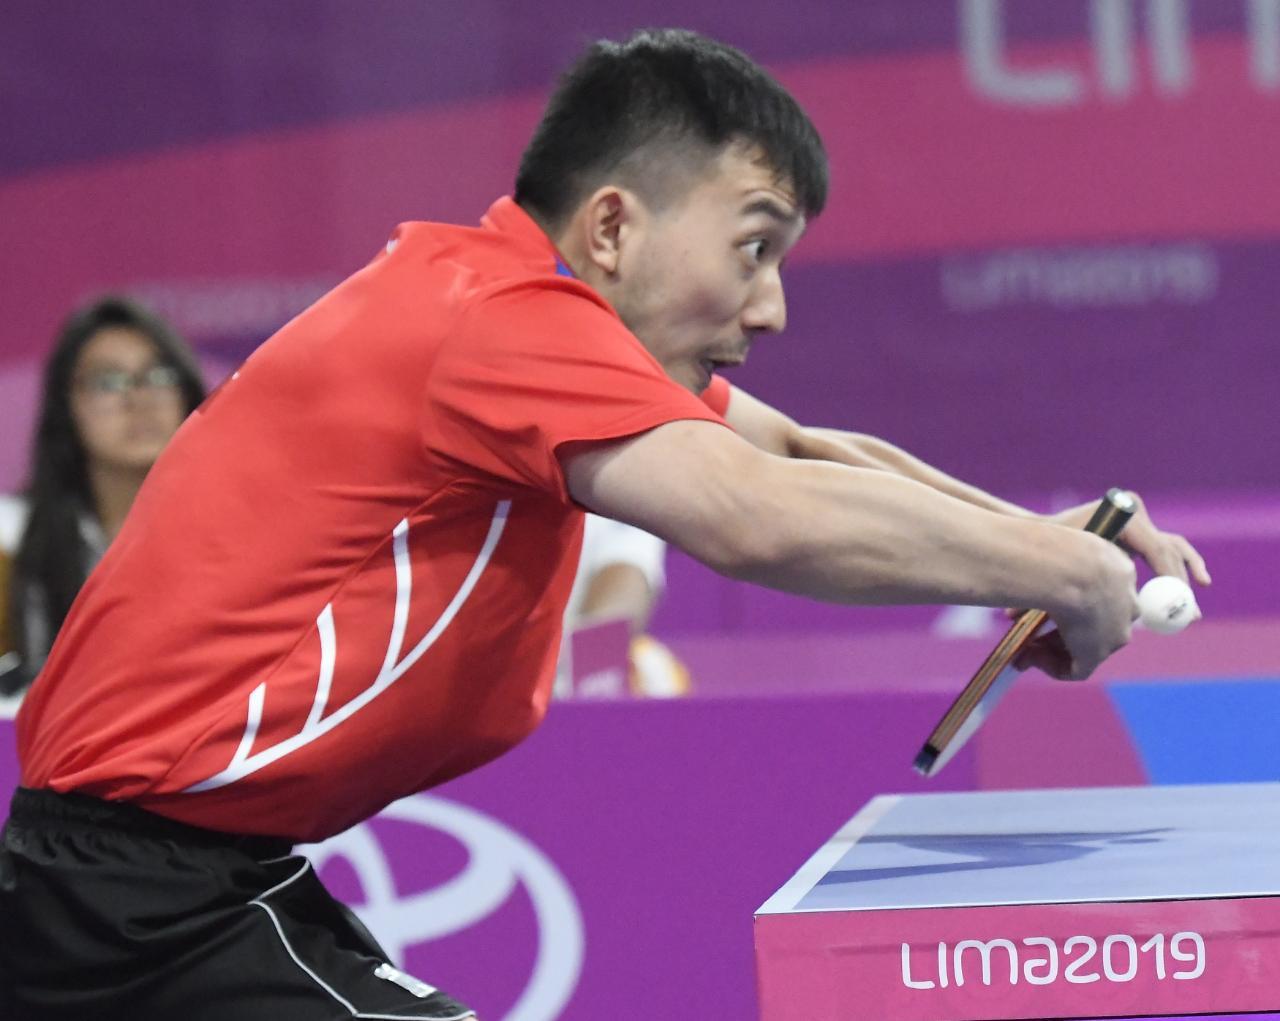 Jiaji Wu se queda con plata en sencillos tenis de mesa en Panam